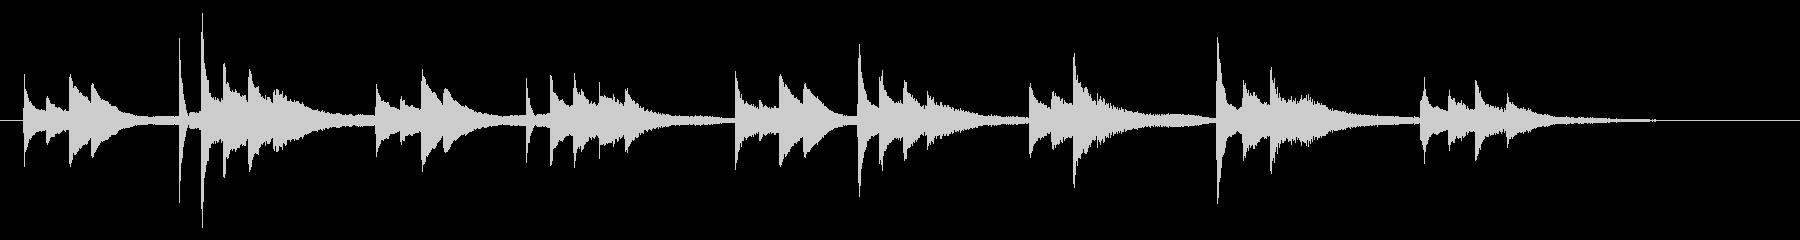 切ない雰囲気のピアノソロの未再生の波形